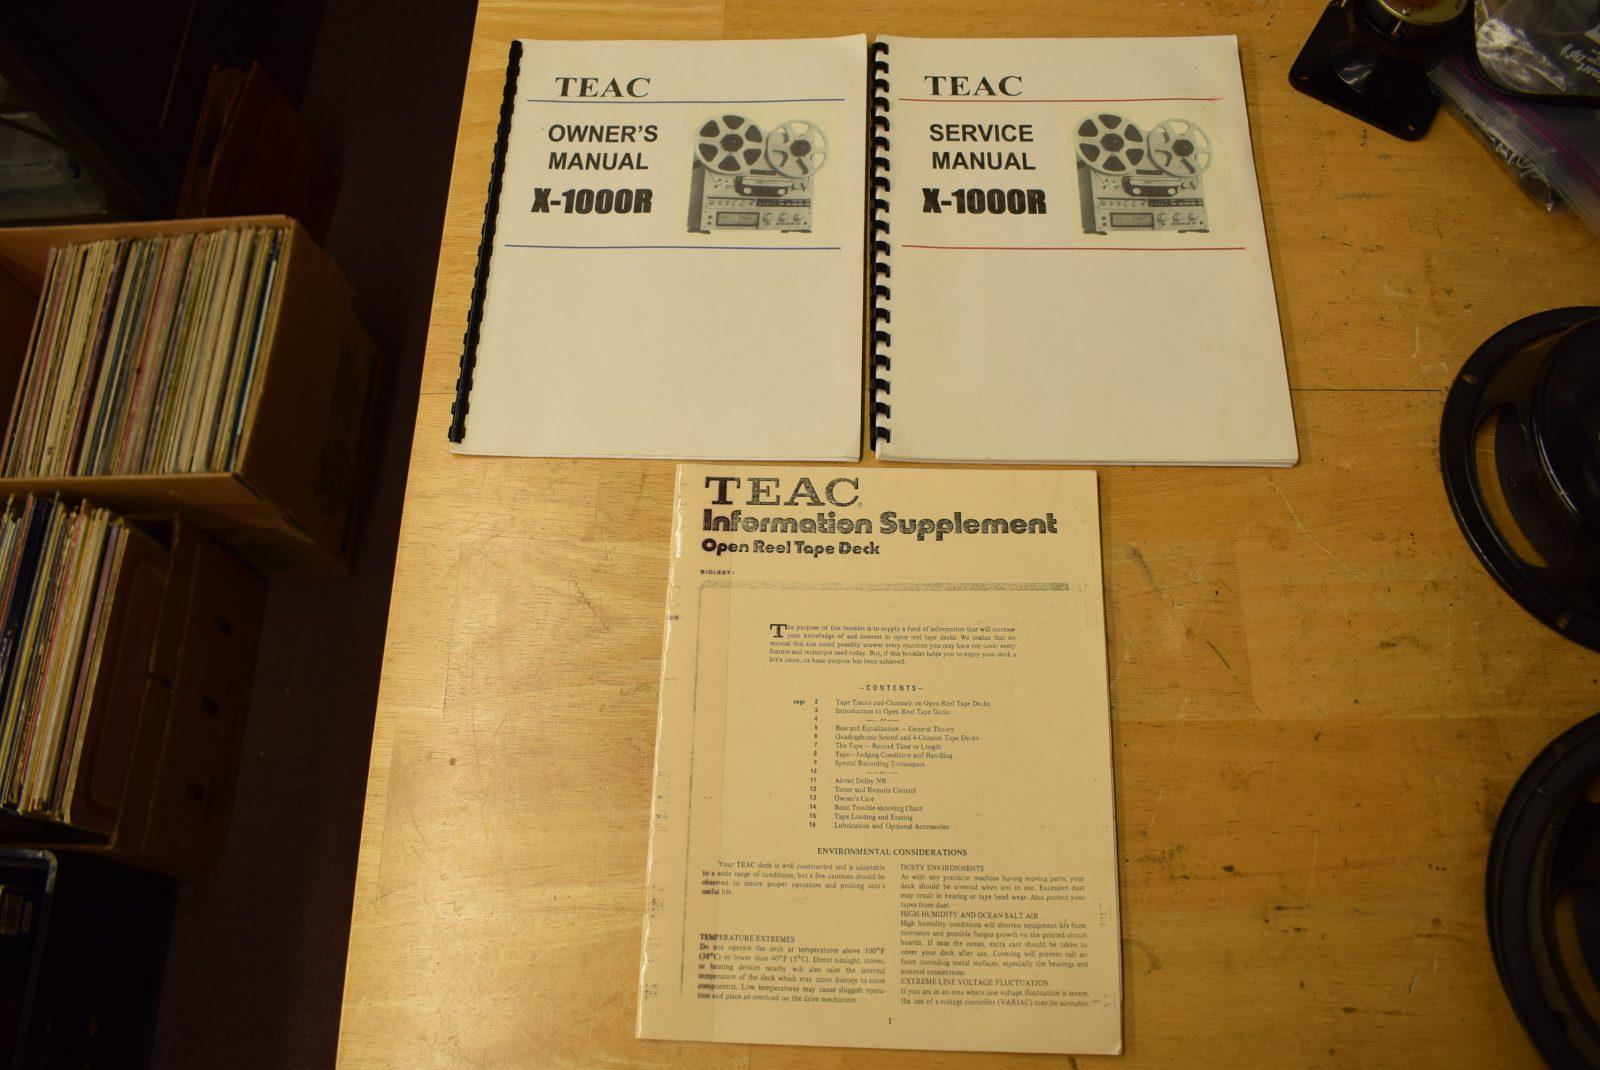 Teac Reel to Reel Manuals - Model: X-1000R